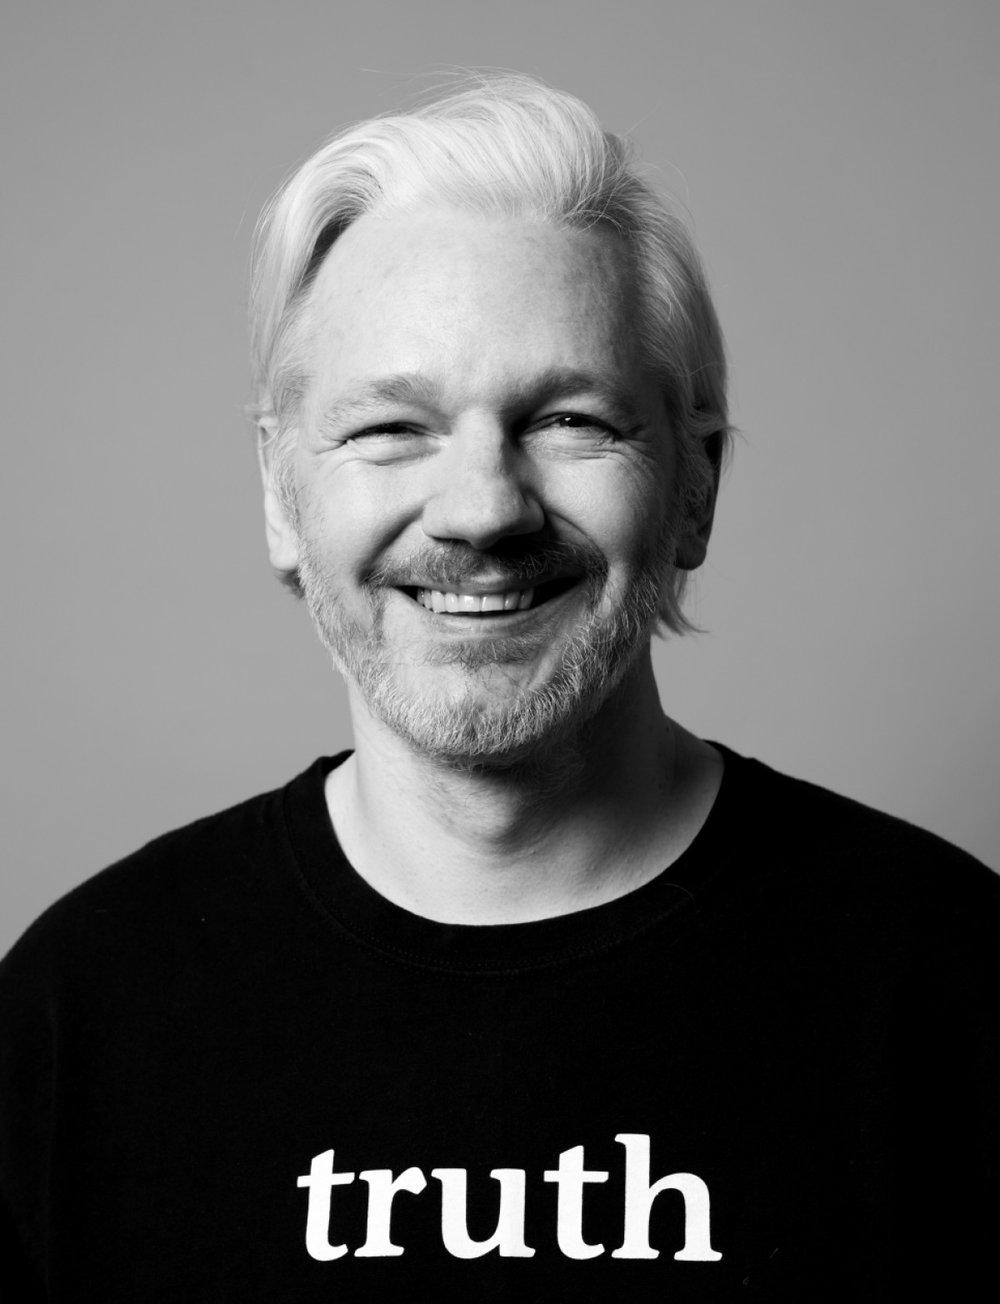 Droits - 6 ans déjà sans liberté : il faut que la France accorde l'asile politique à Julian Assange -